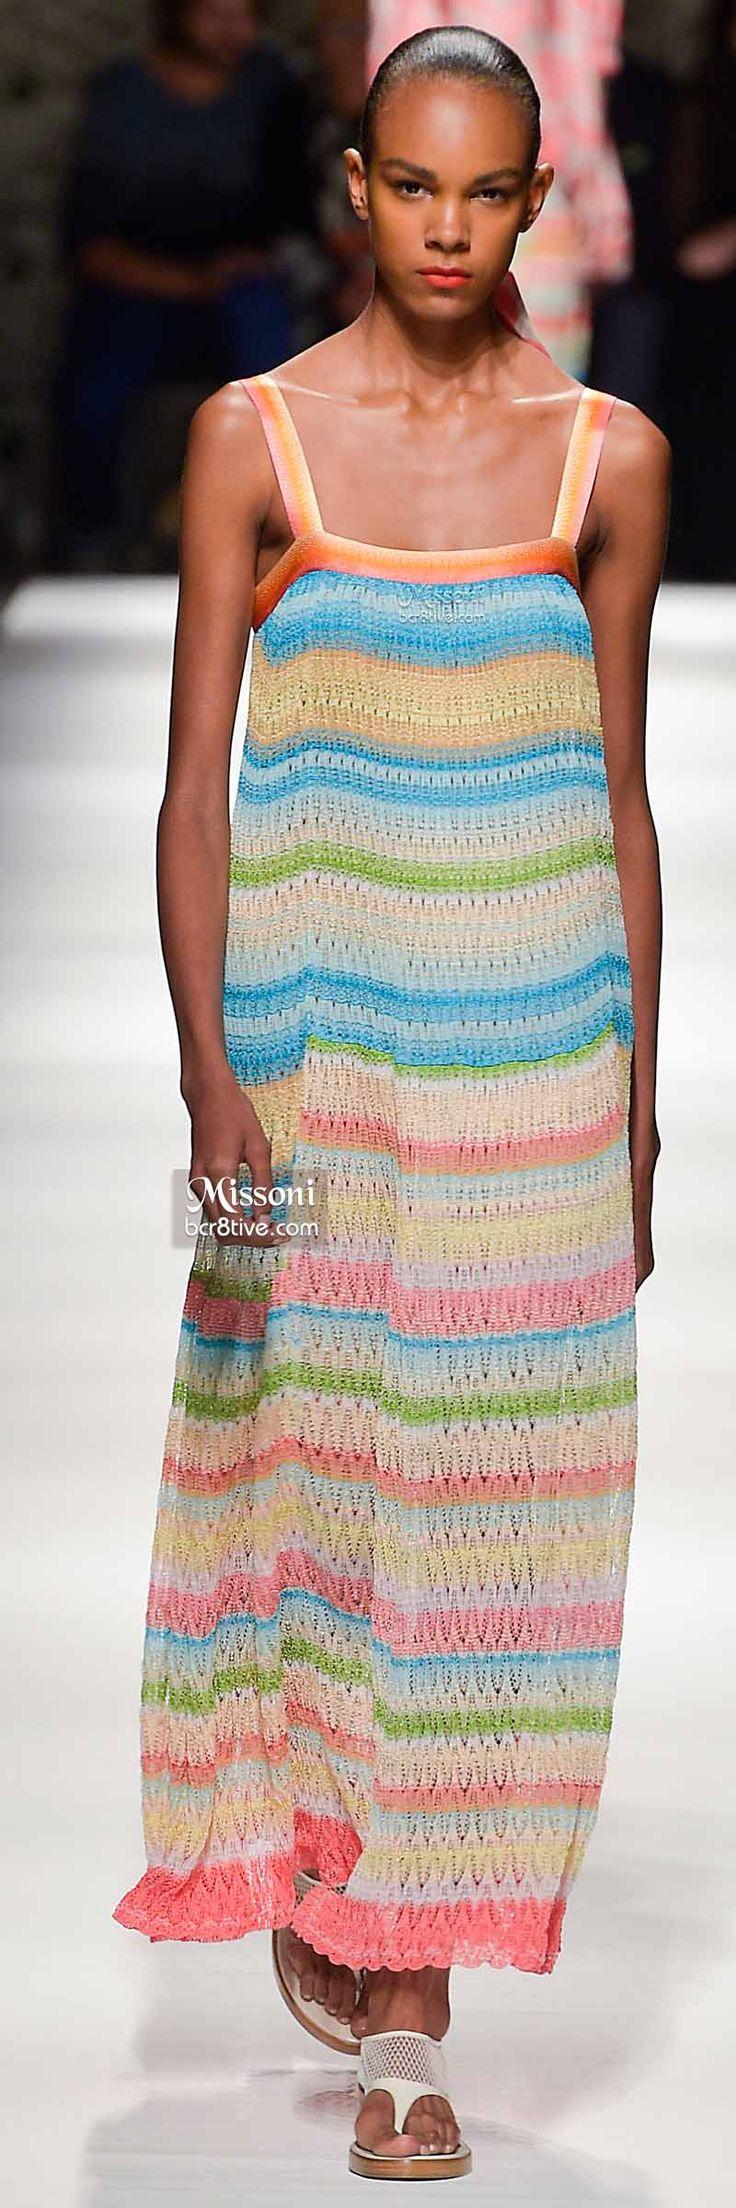 Missoni Summer 2015